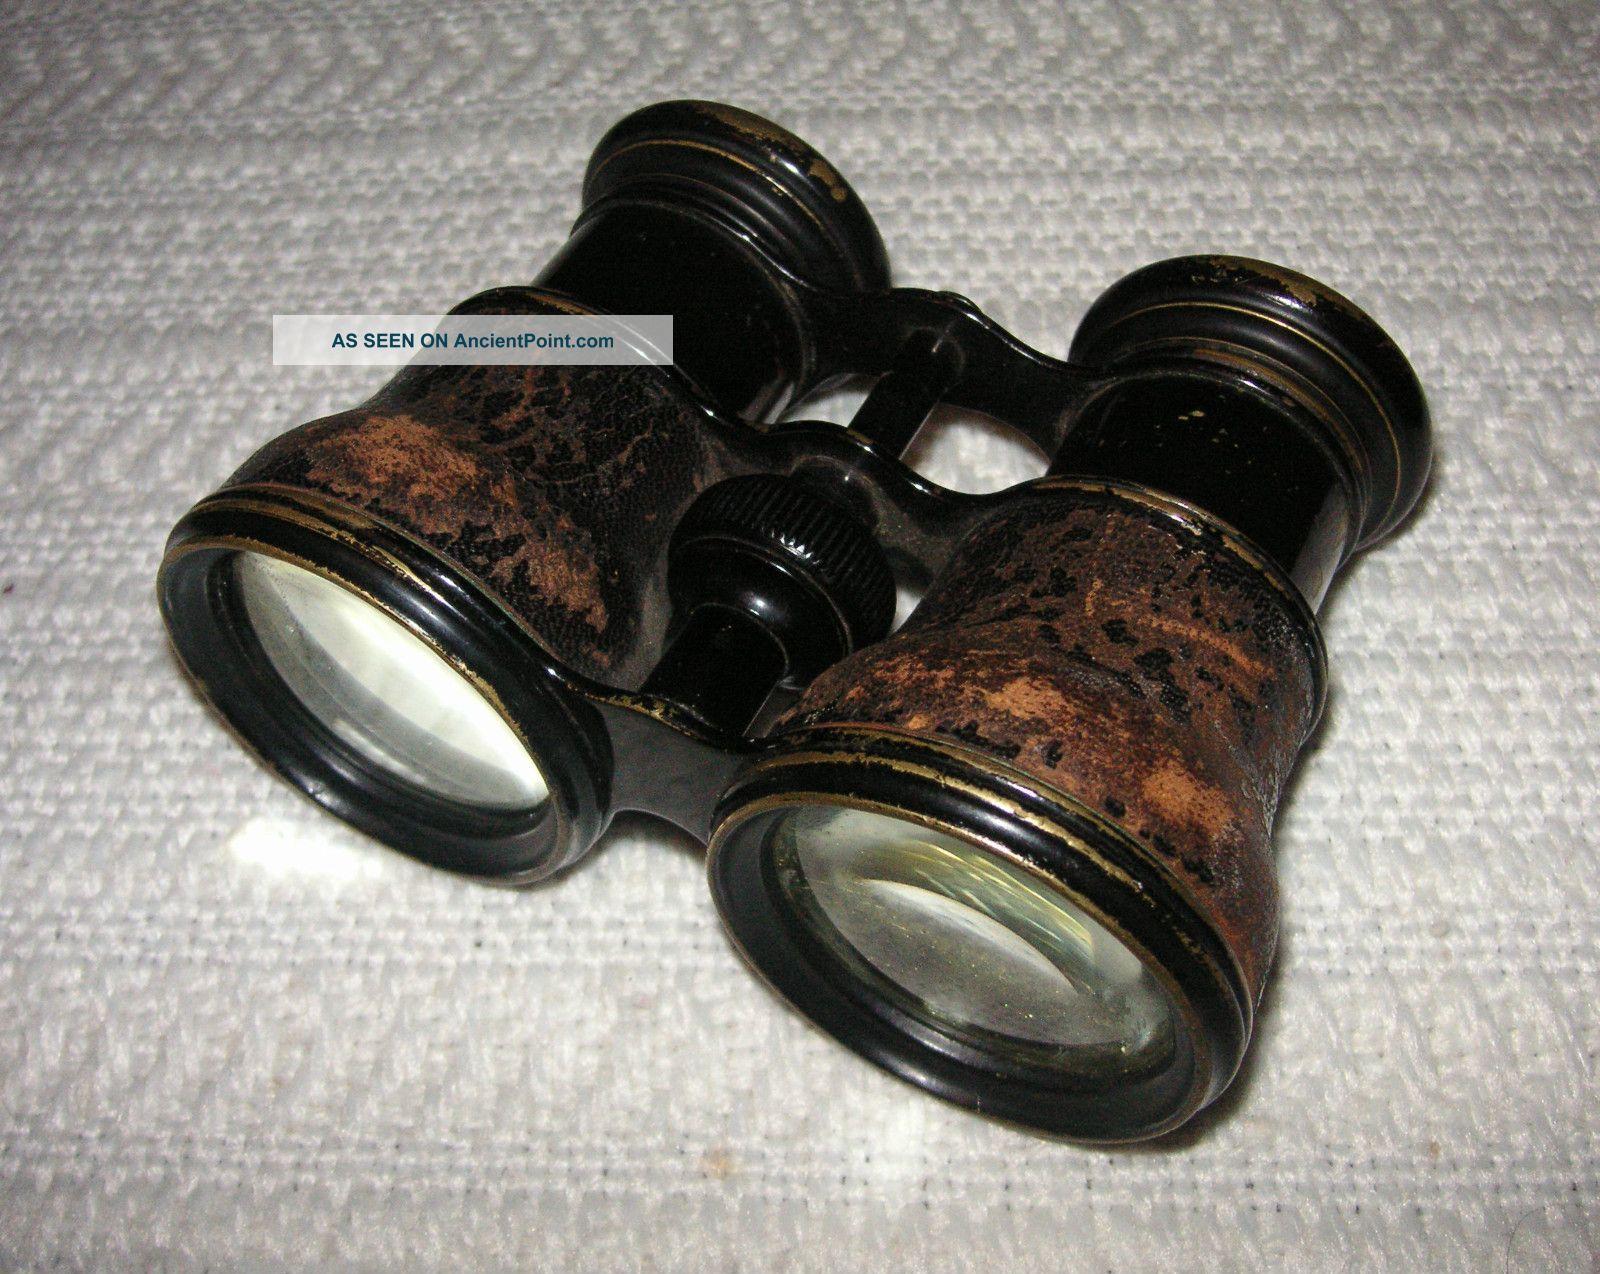 Ww2 Field Binoculars Ferrando Binoculars Field